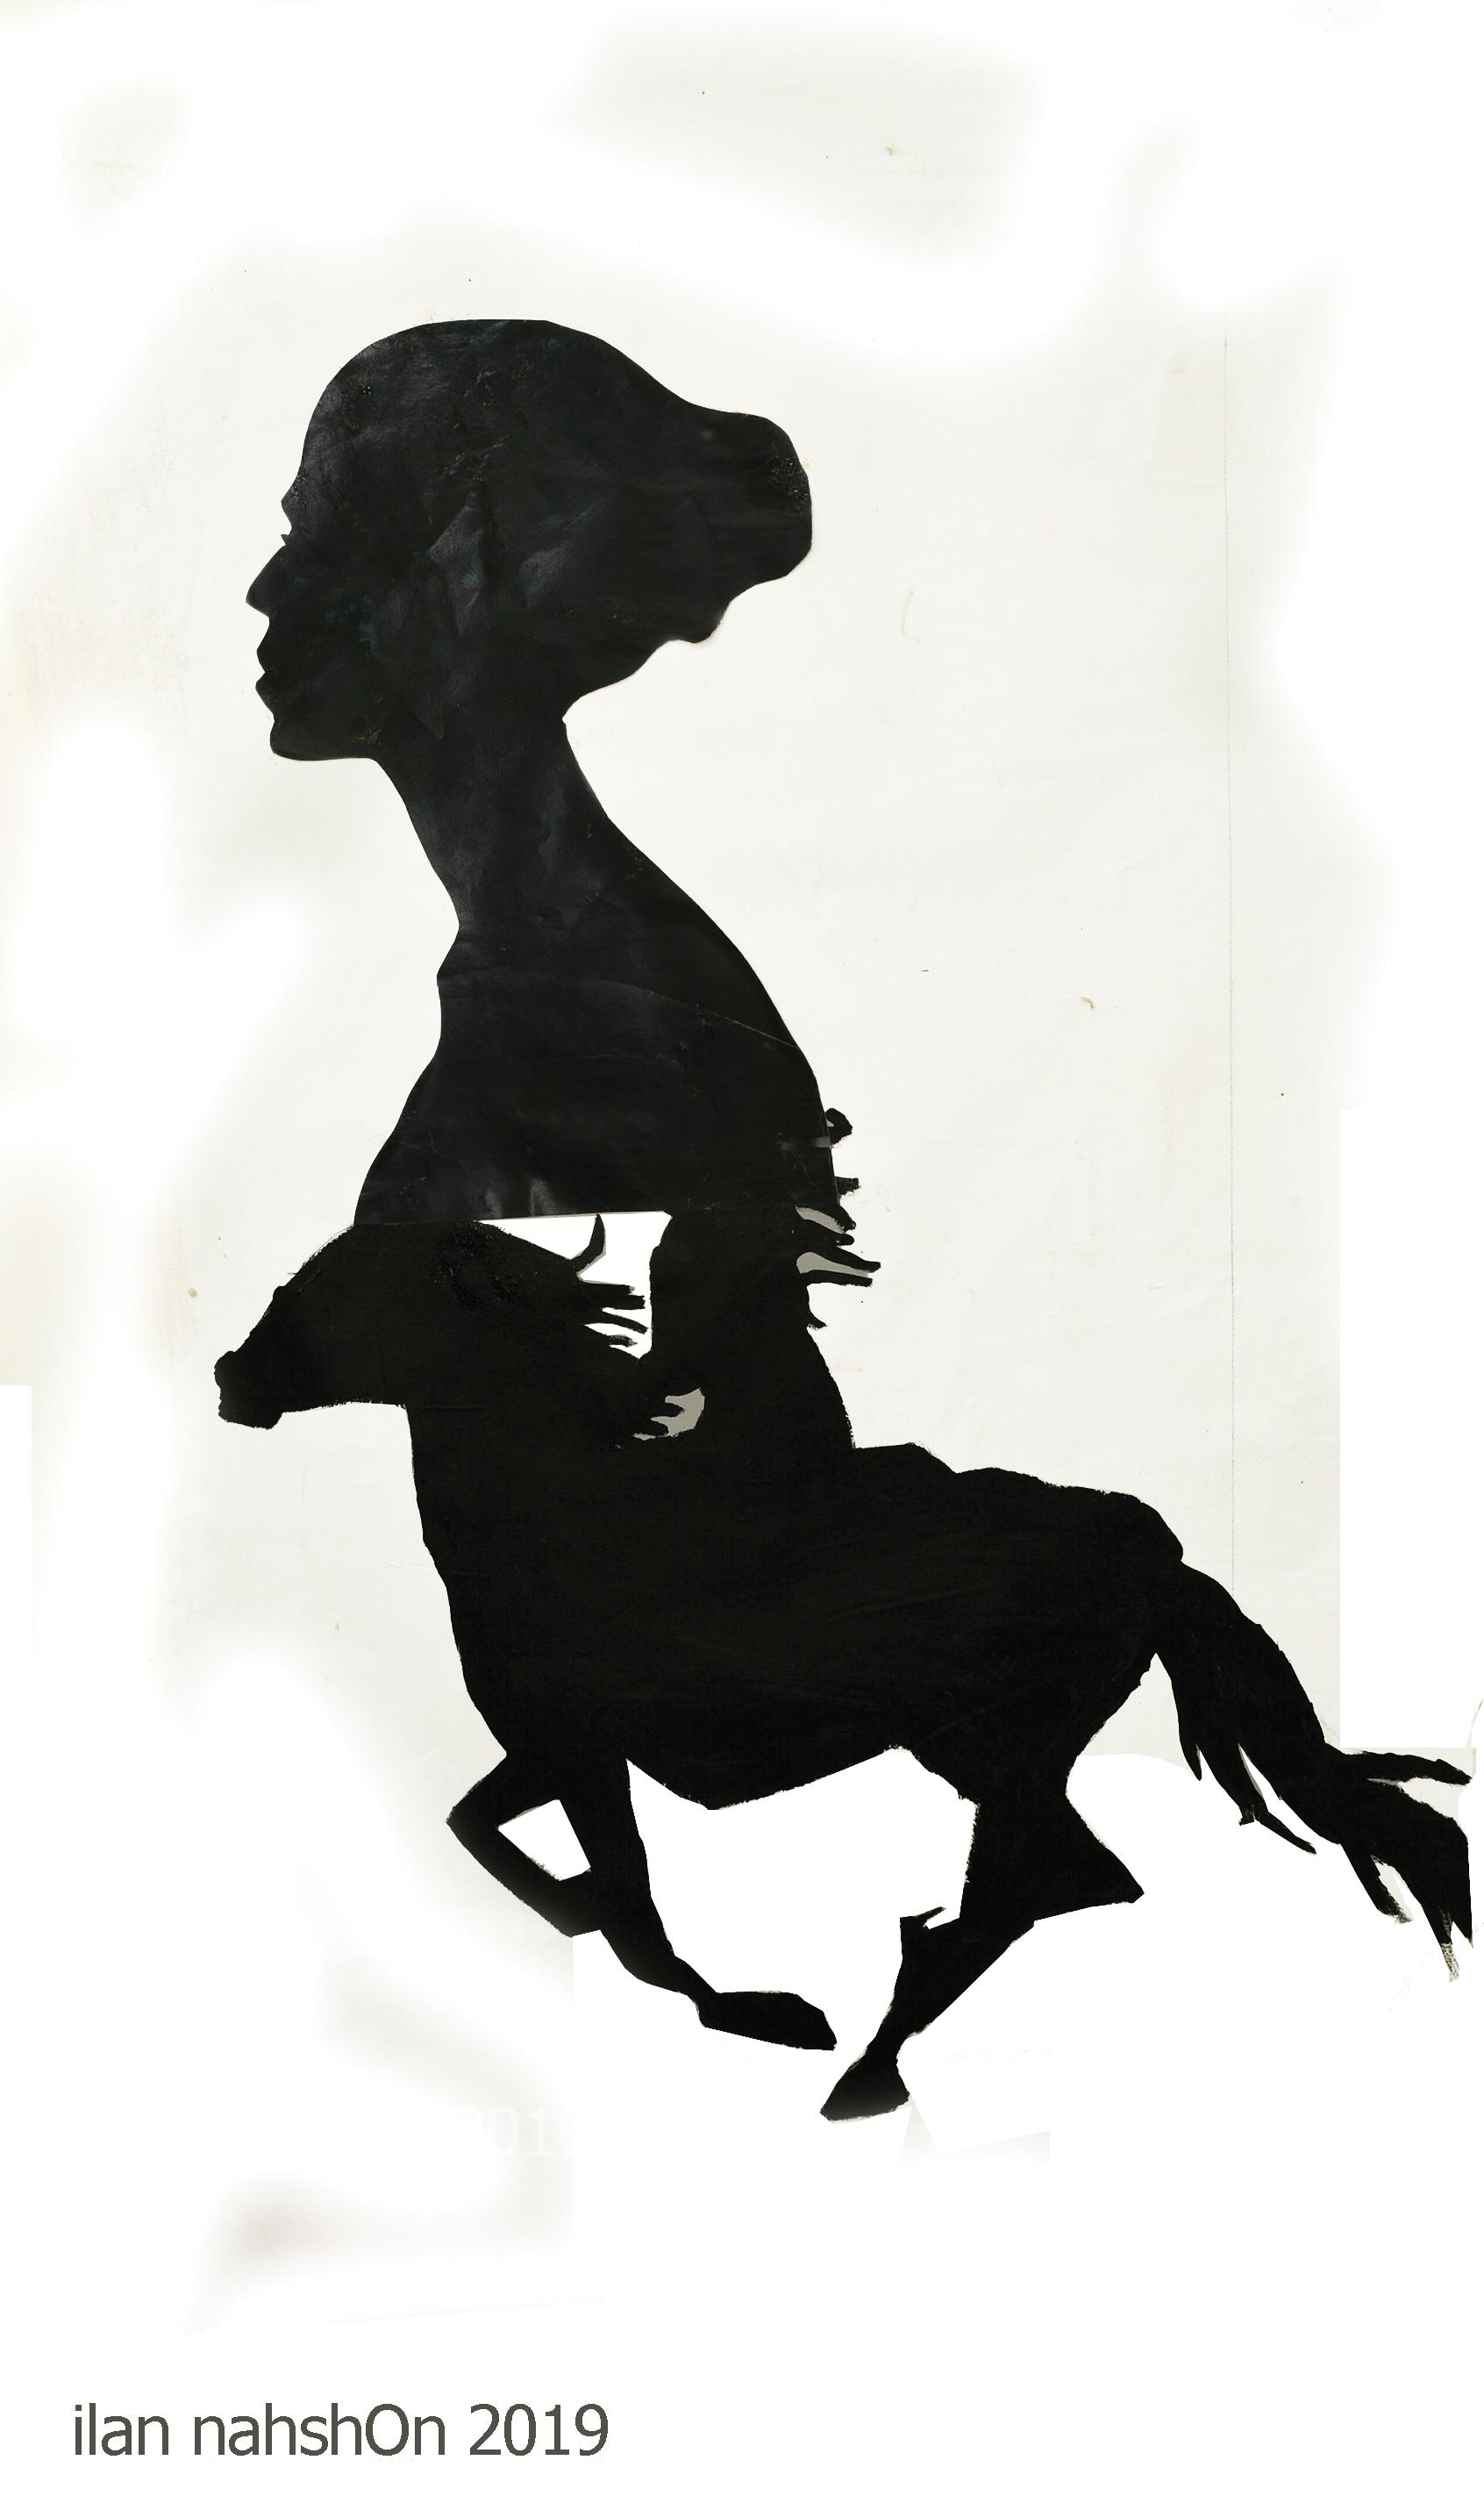 Rider Silhouette -ilan nahshOn